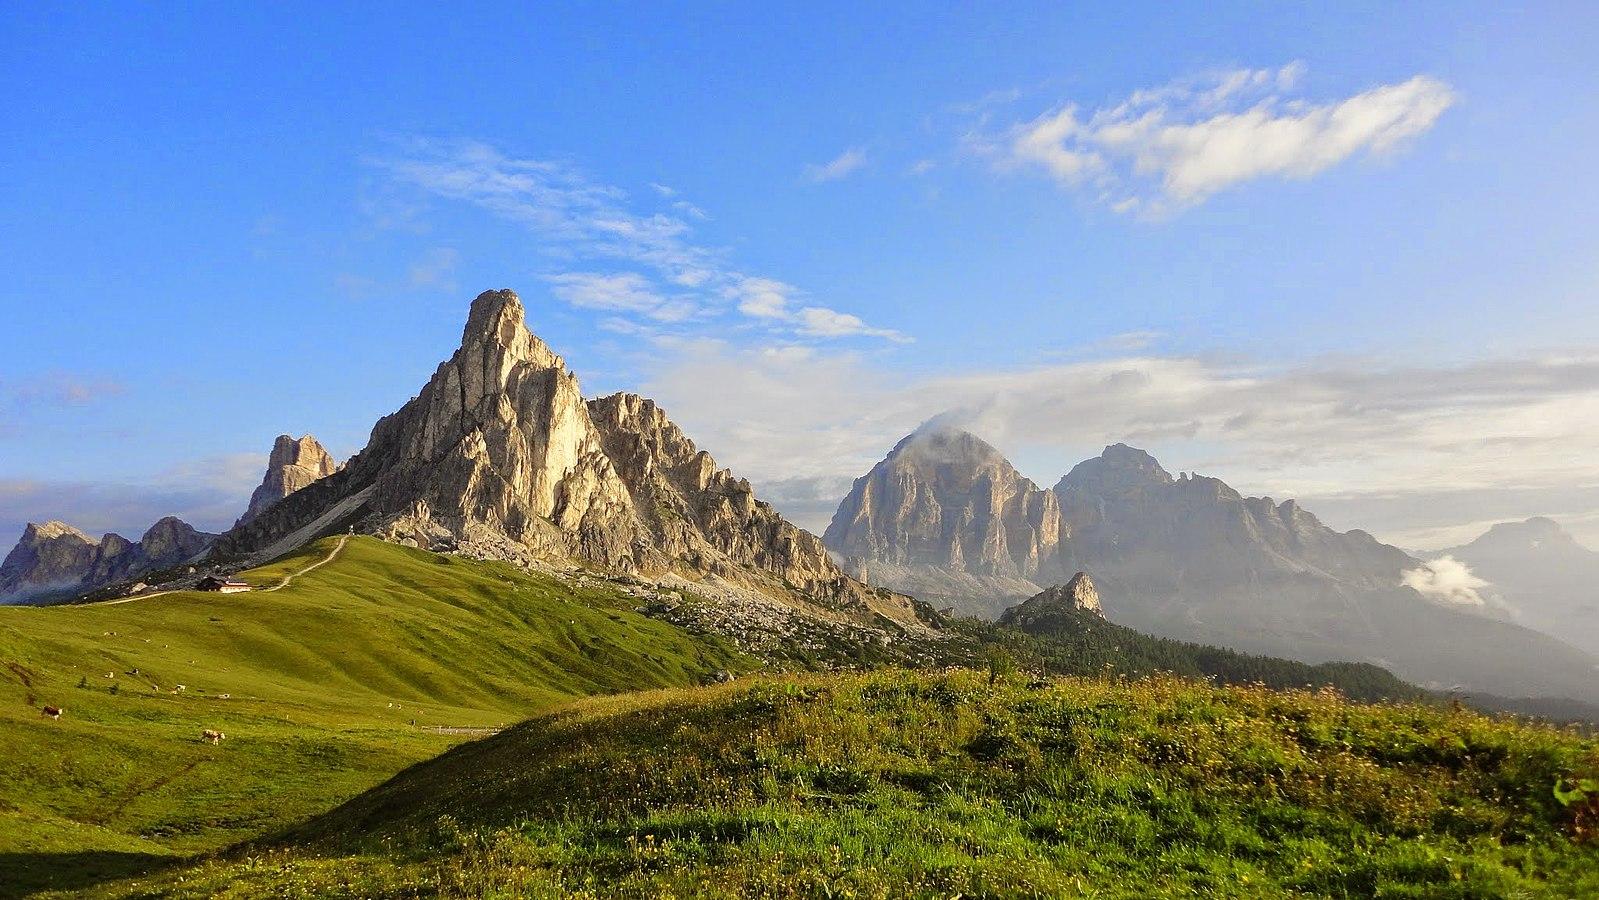 【義大利】健行在阿爾卑斯的絕美秘境:多洛米提山脈 (The Dolomites) 行程規劃全攻略 28